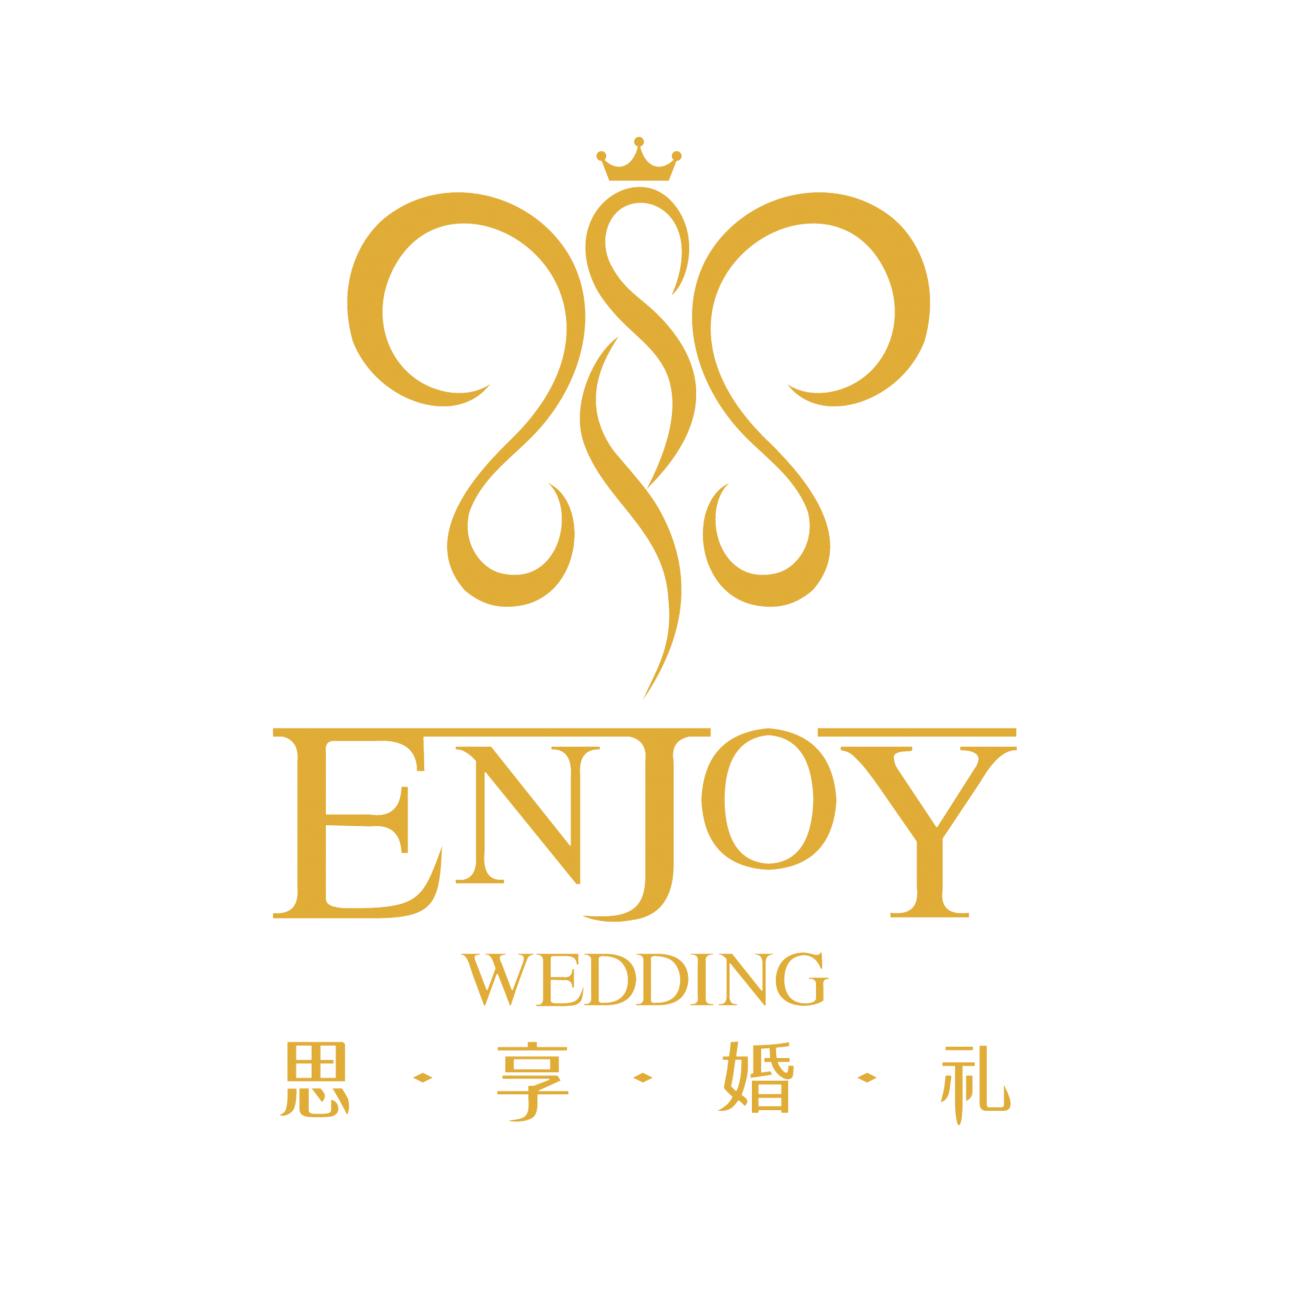 梅州市梅县区思享婚庆服务中心